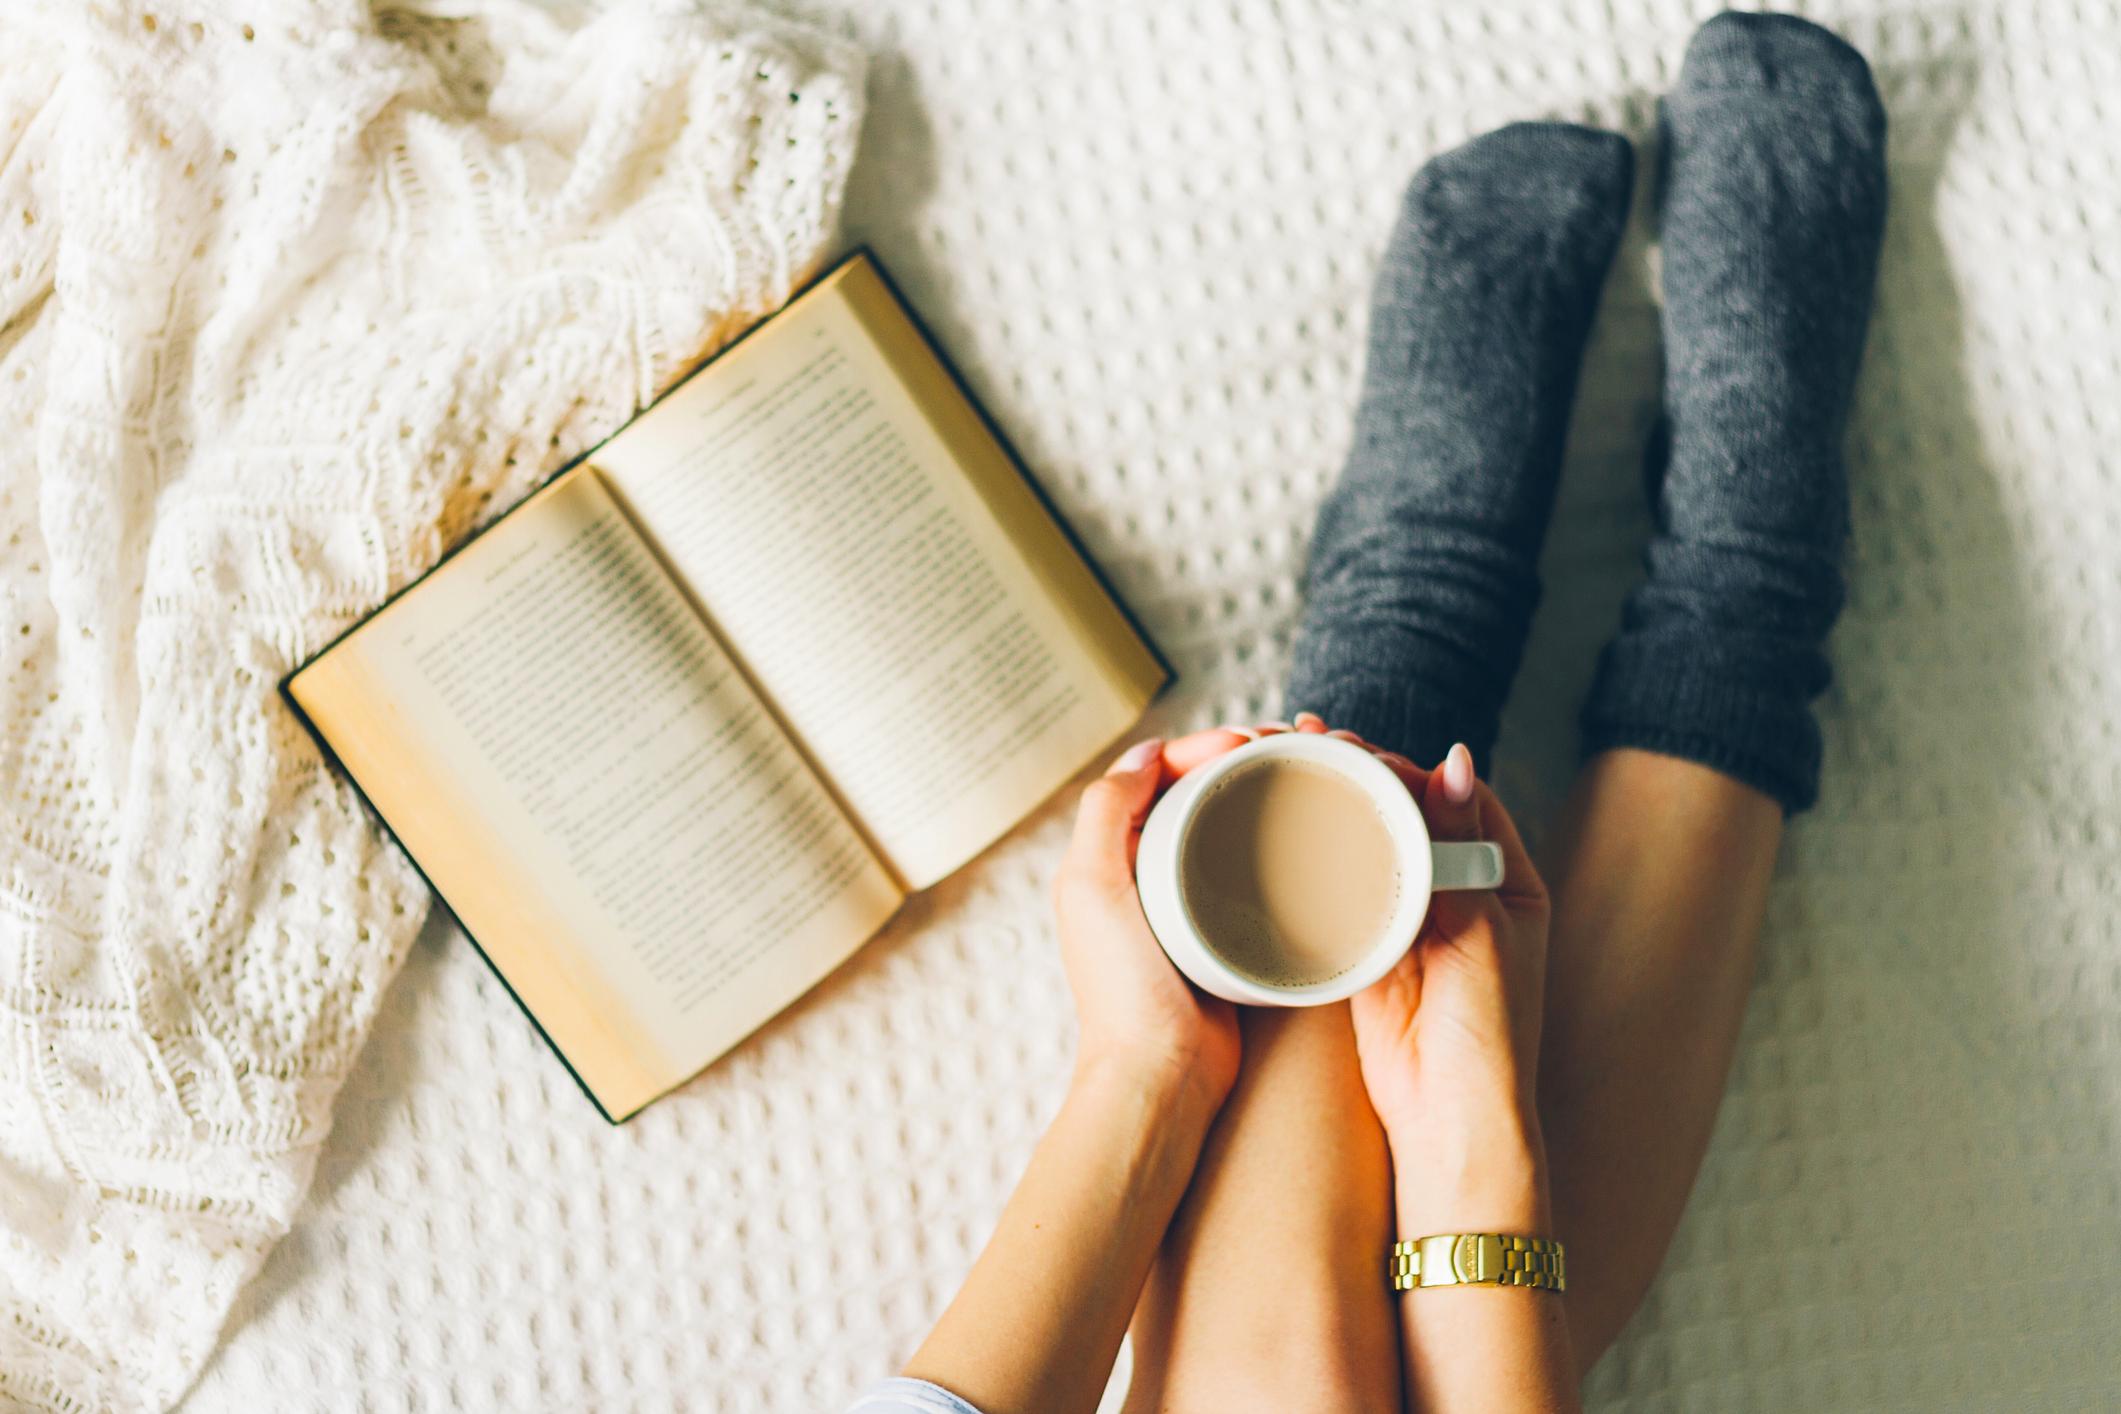 Αυτοφροντίδα: Πώς να φτιάξετε μια λίστα κάλυψης των φυσικών σας αναγκών